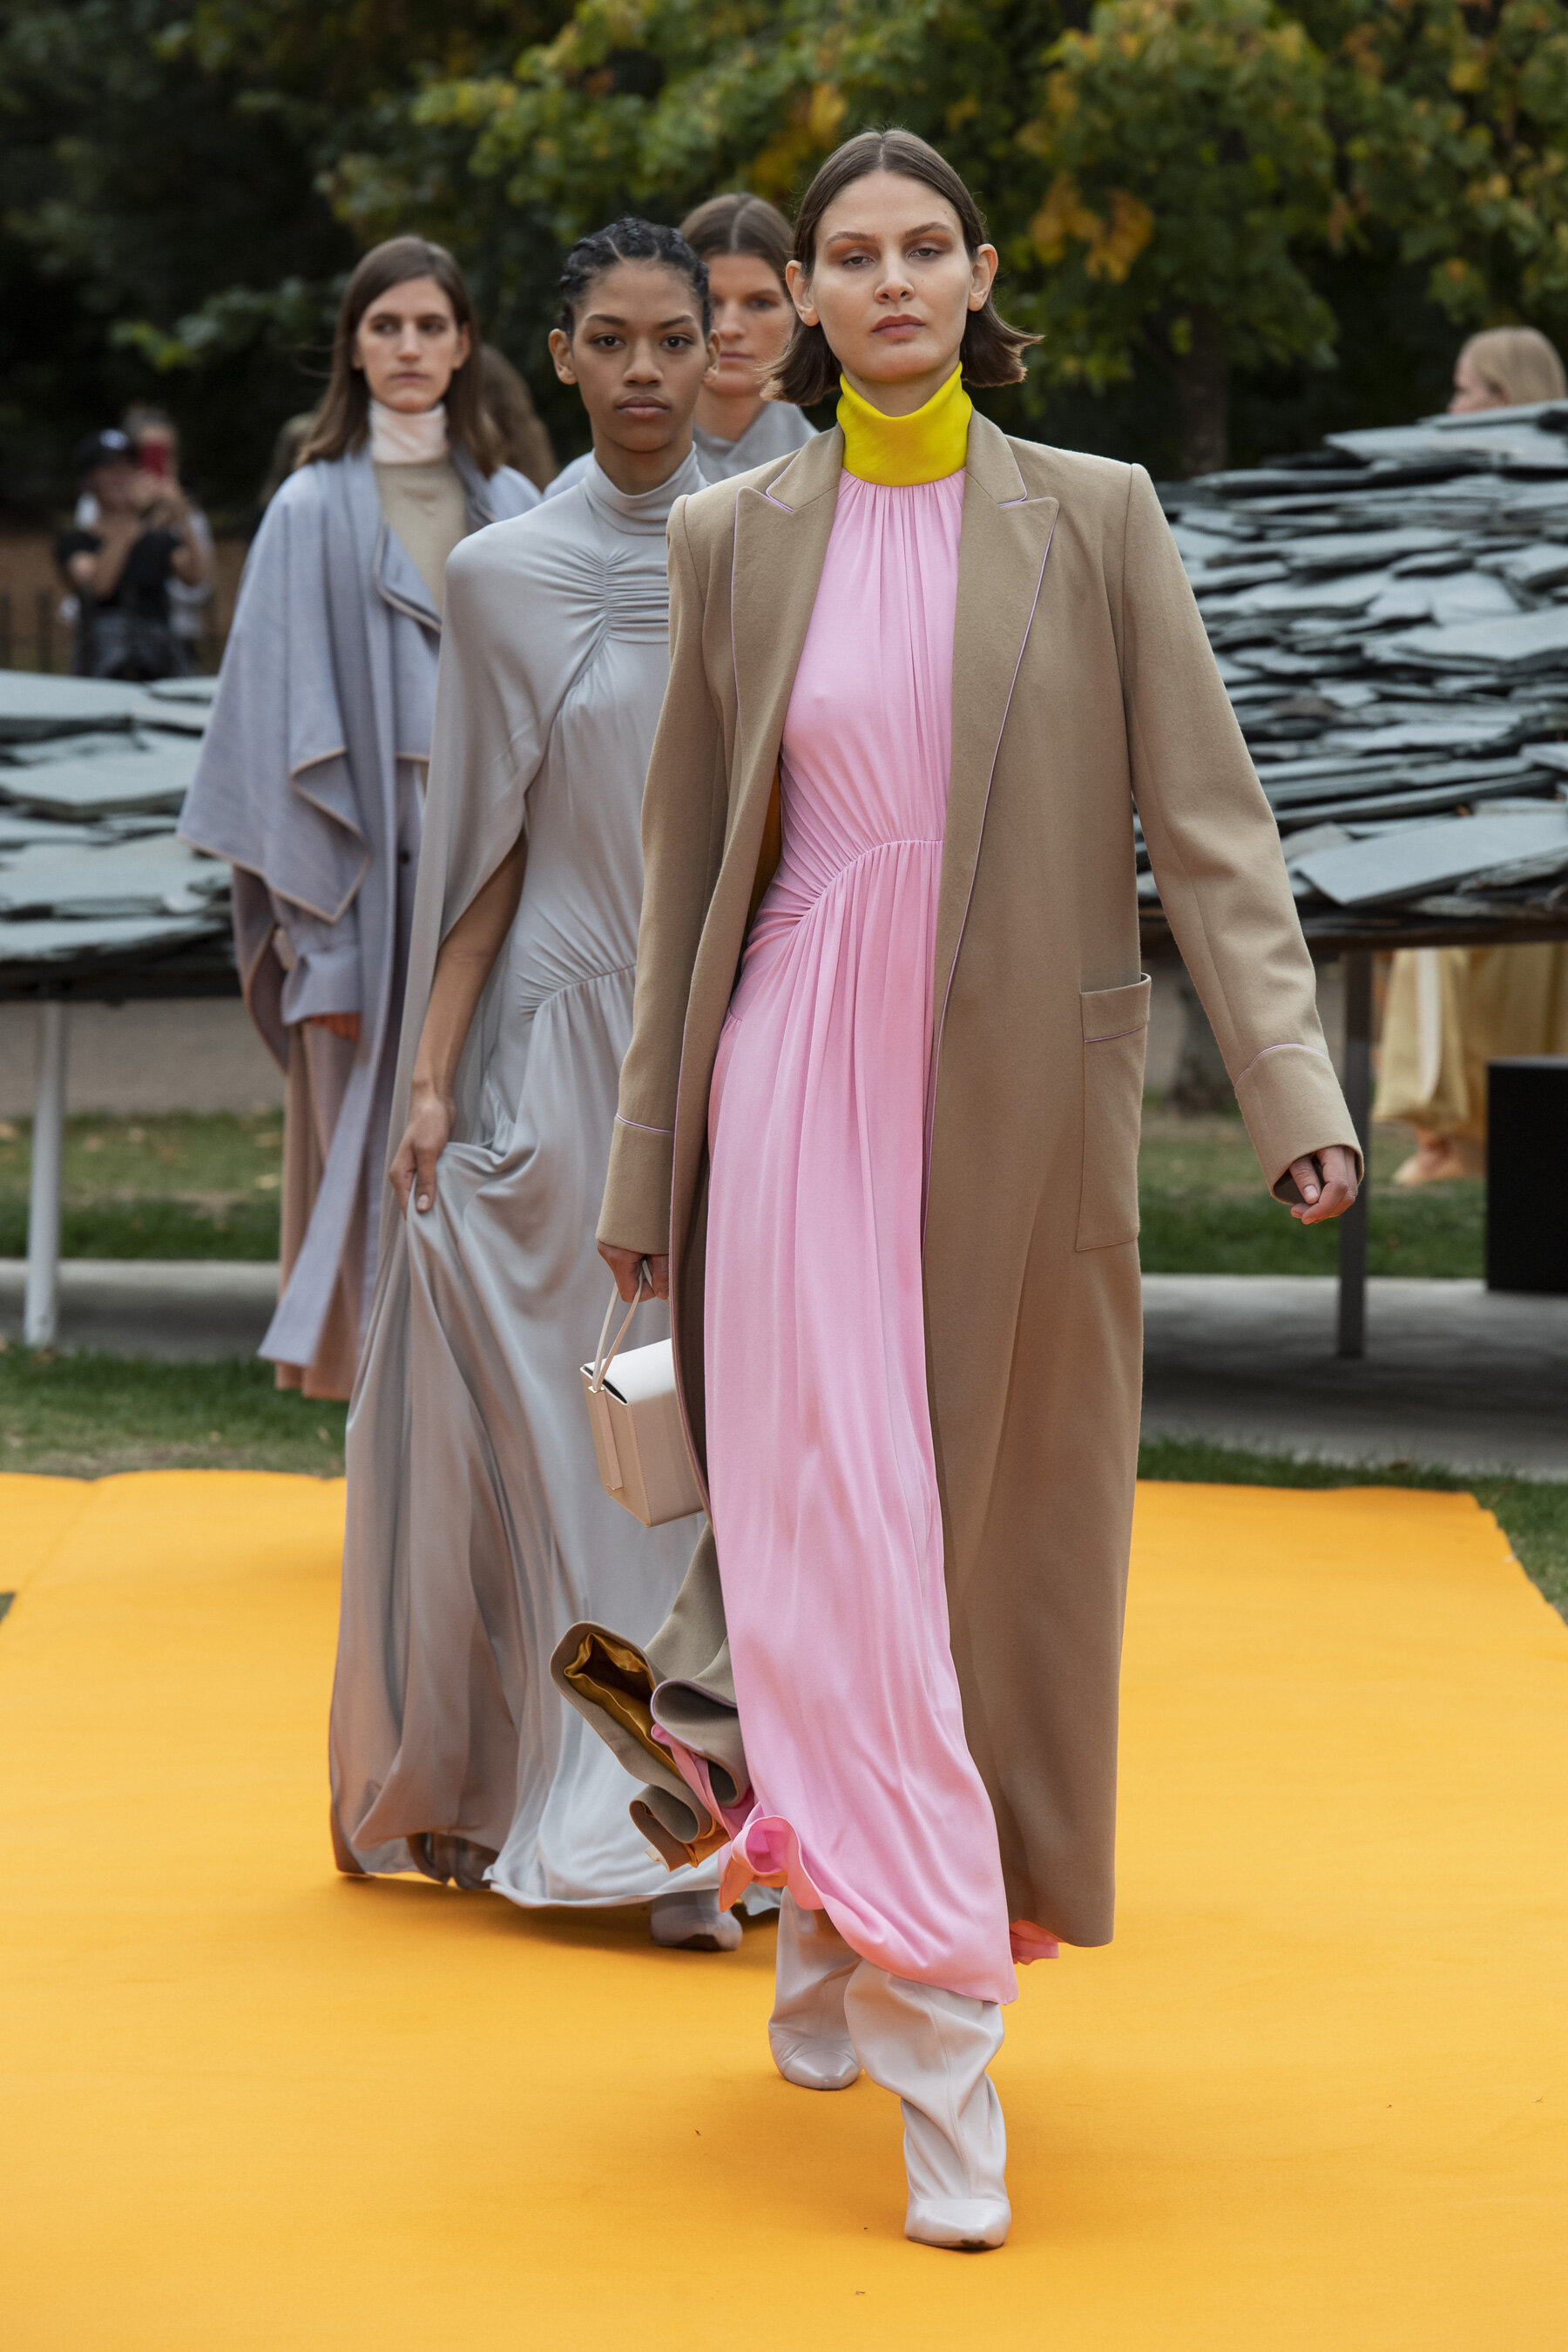 La colección de Roksanda SS20 se presentó en The Serpentine Gallery durante London Fashion Week .(Imagen: theimpression.com)